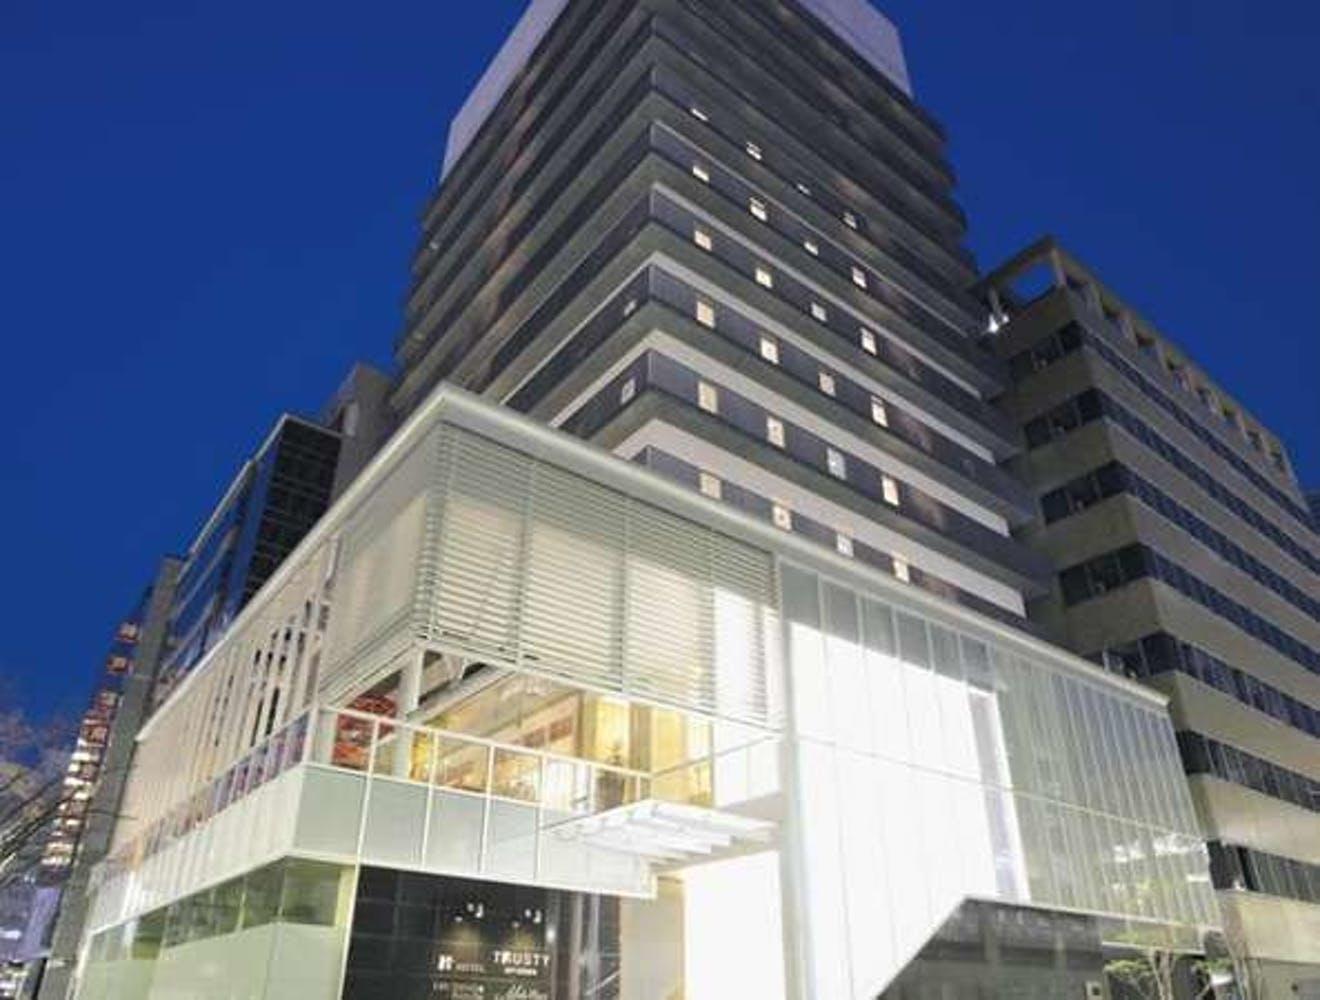 ホテルトラスティ神戸旧居留地 写真1